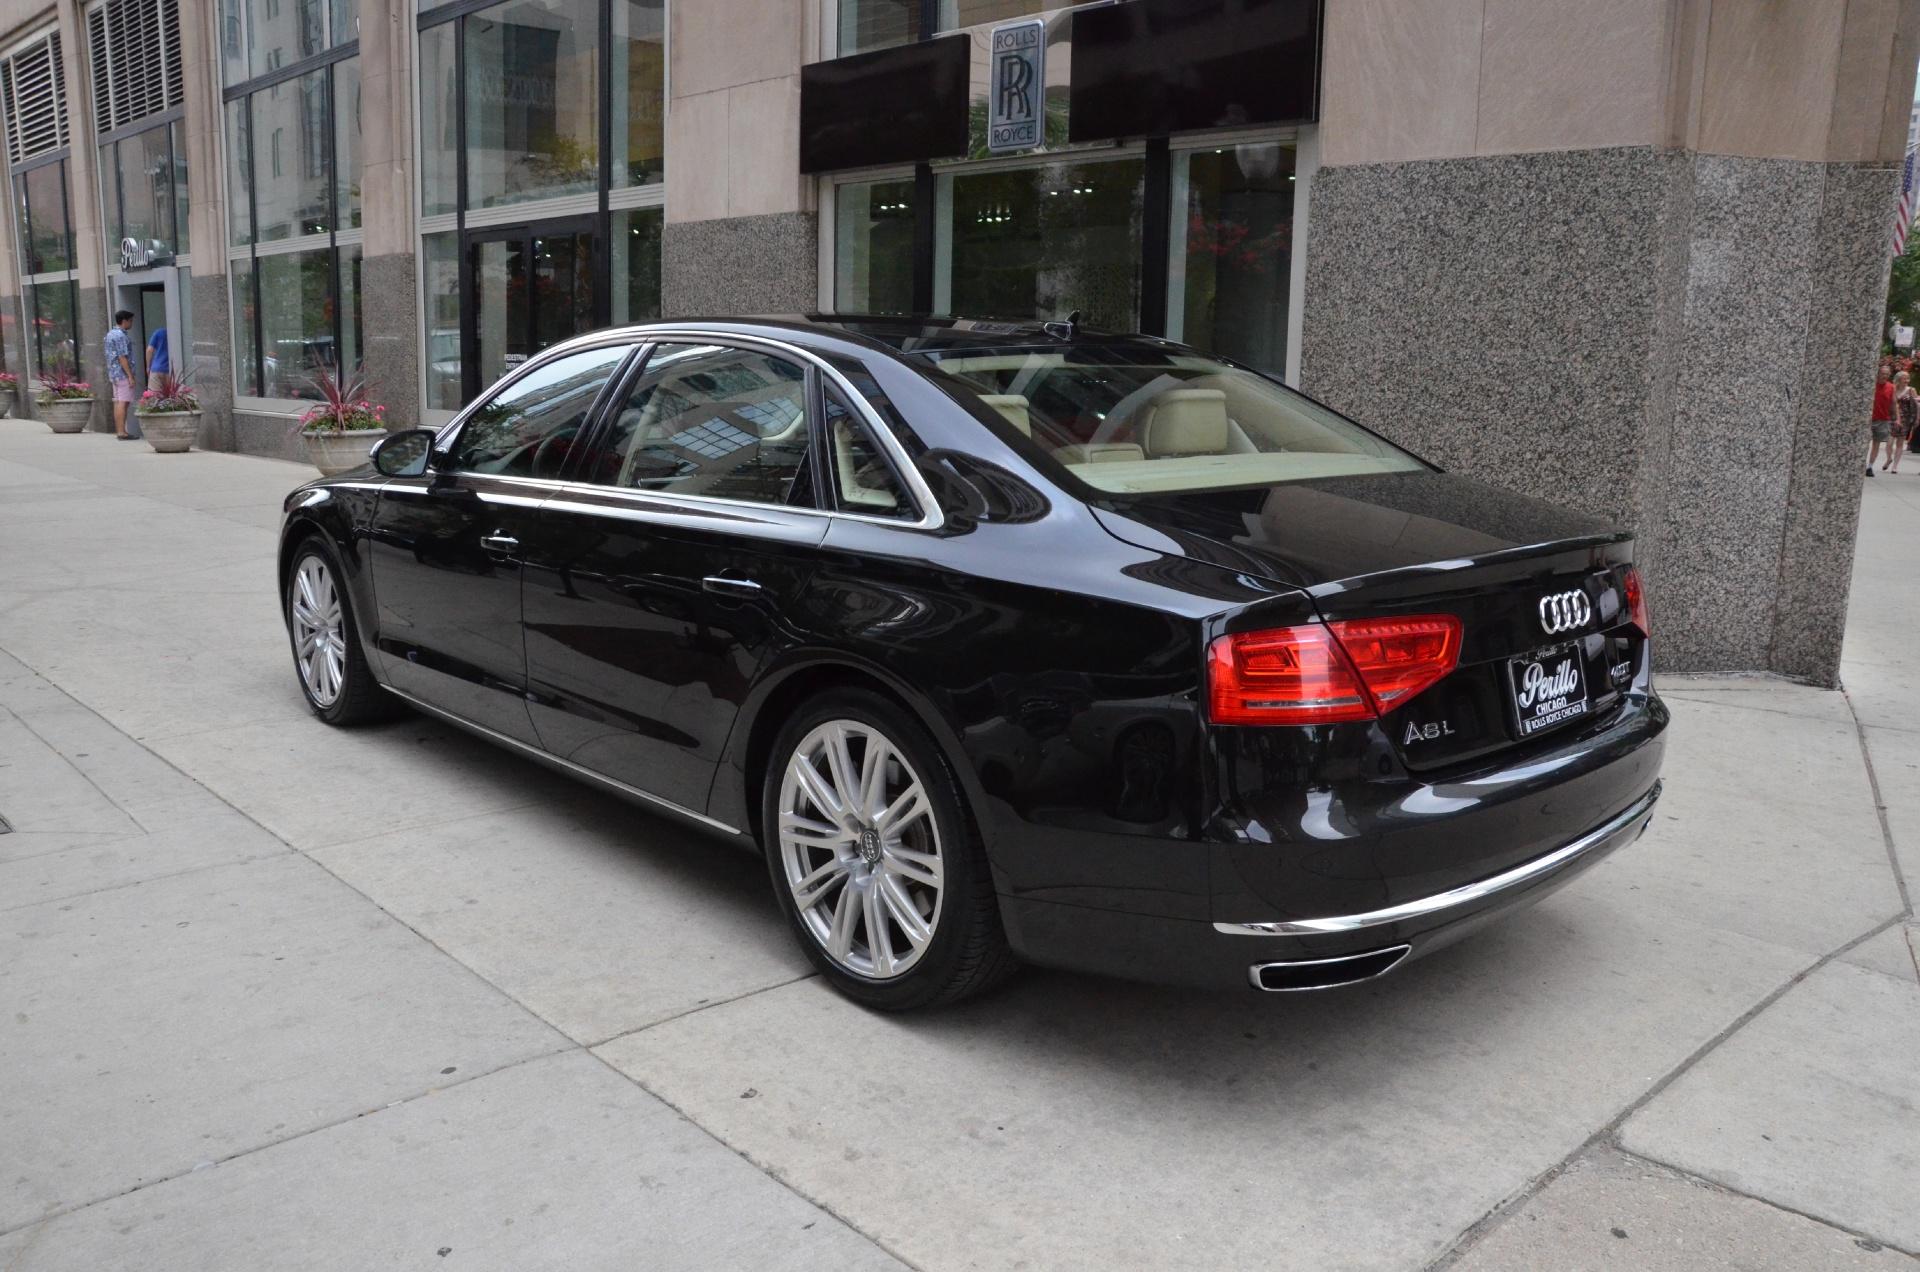 Kelebihan Kekurangan Audi A8 2014 Tangguh